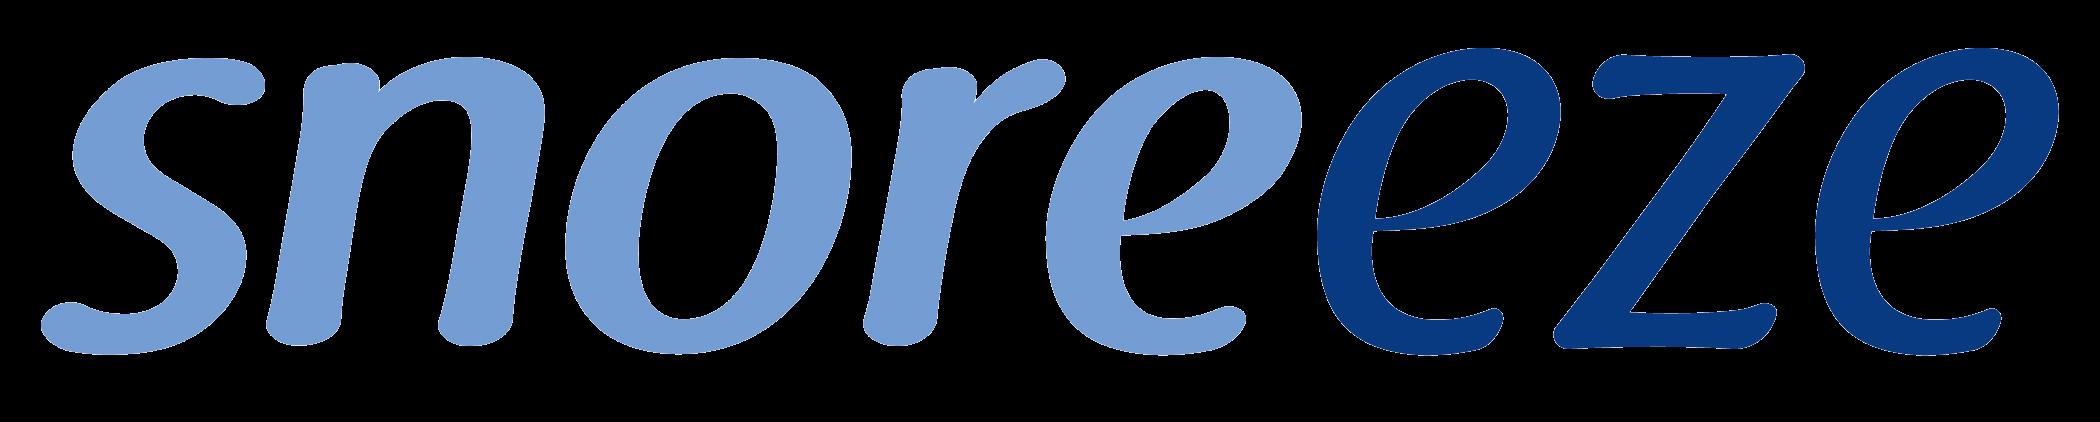 Snoreeze